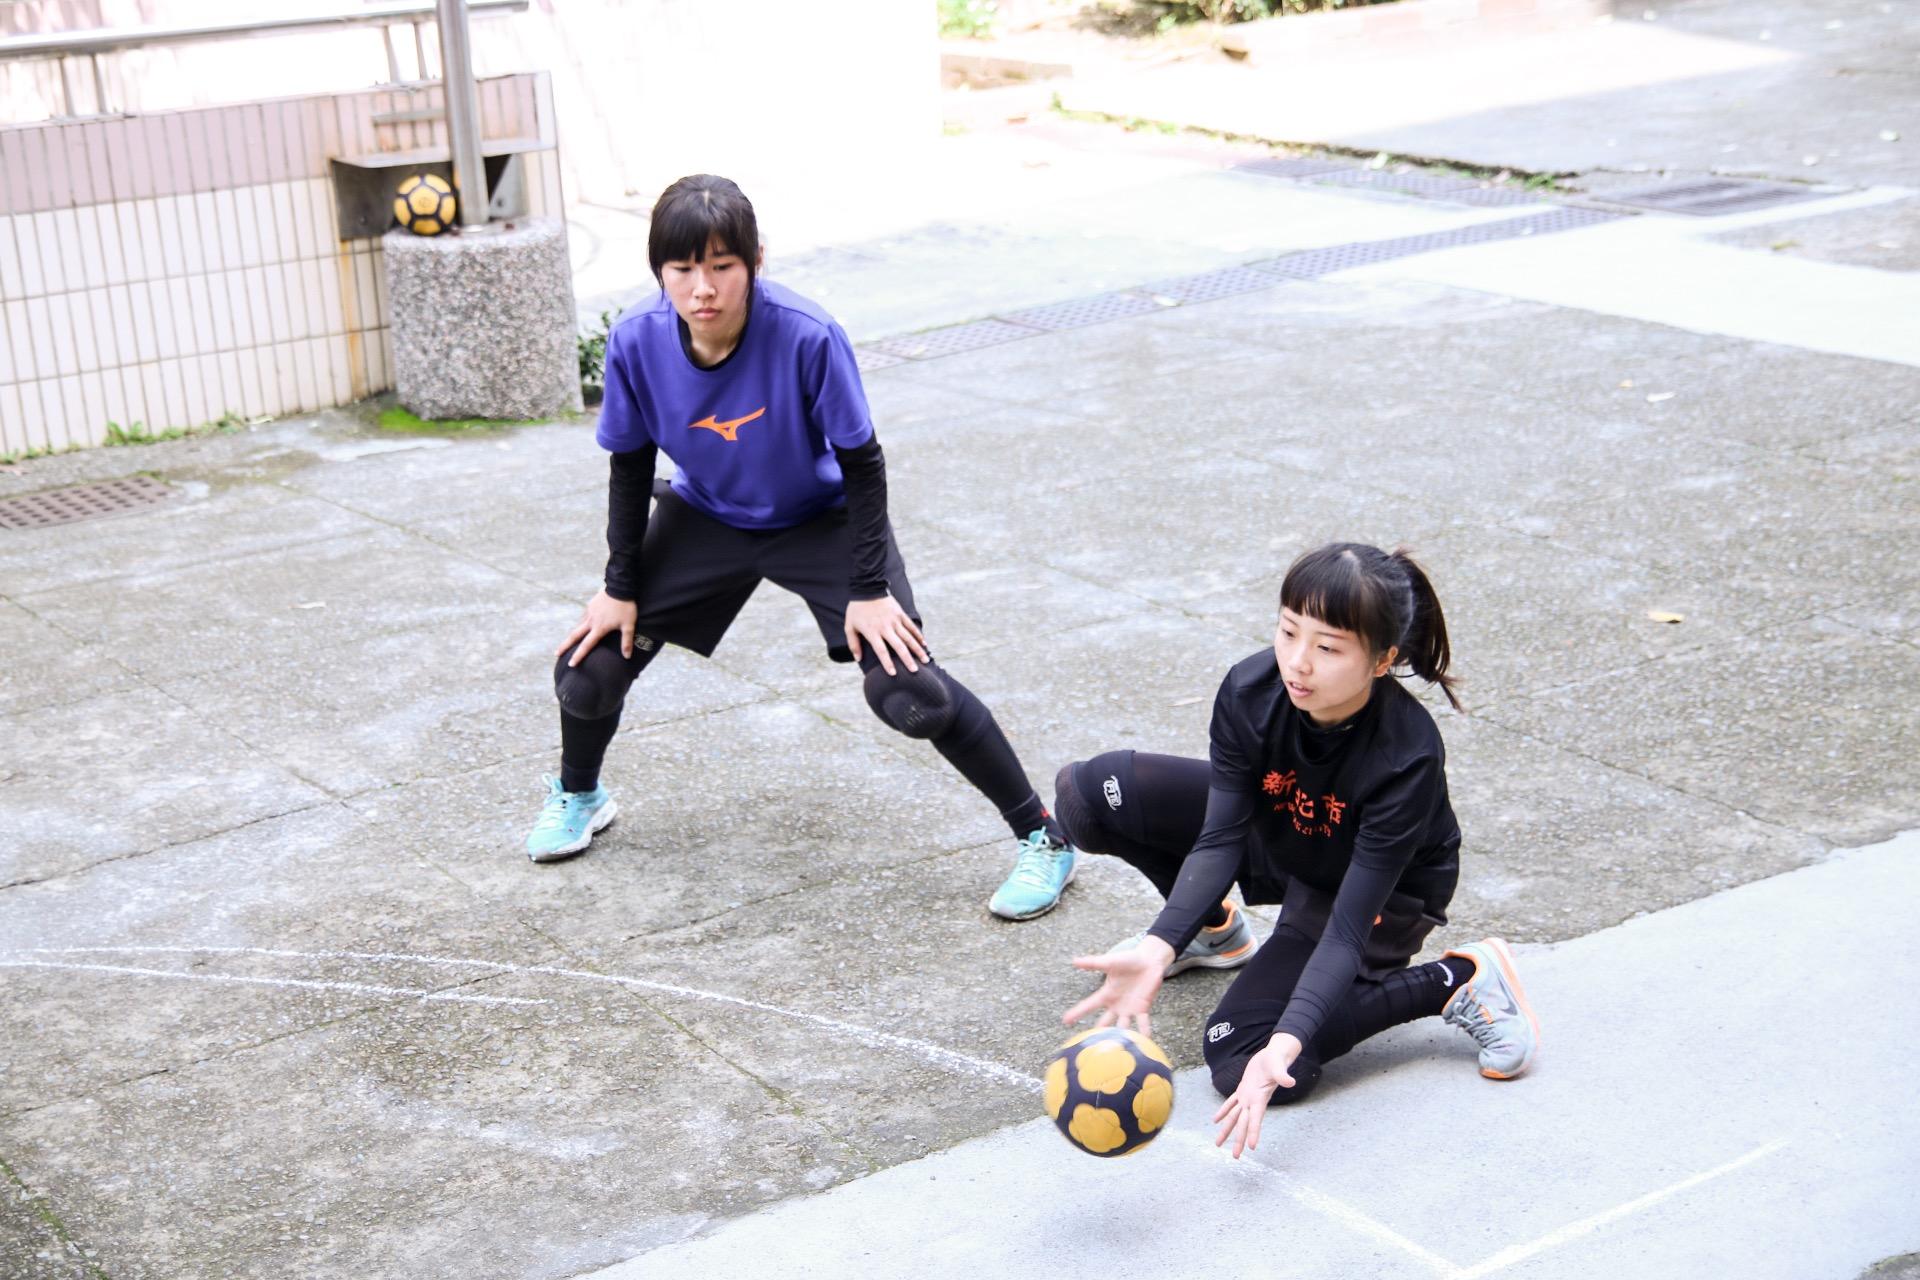 不只男生,女生也非常認真的在場邊練習基本動作。攝影/楊智伃